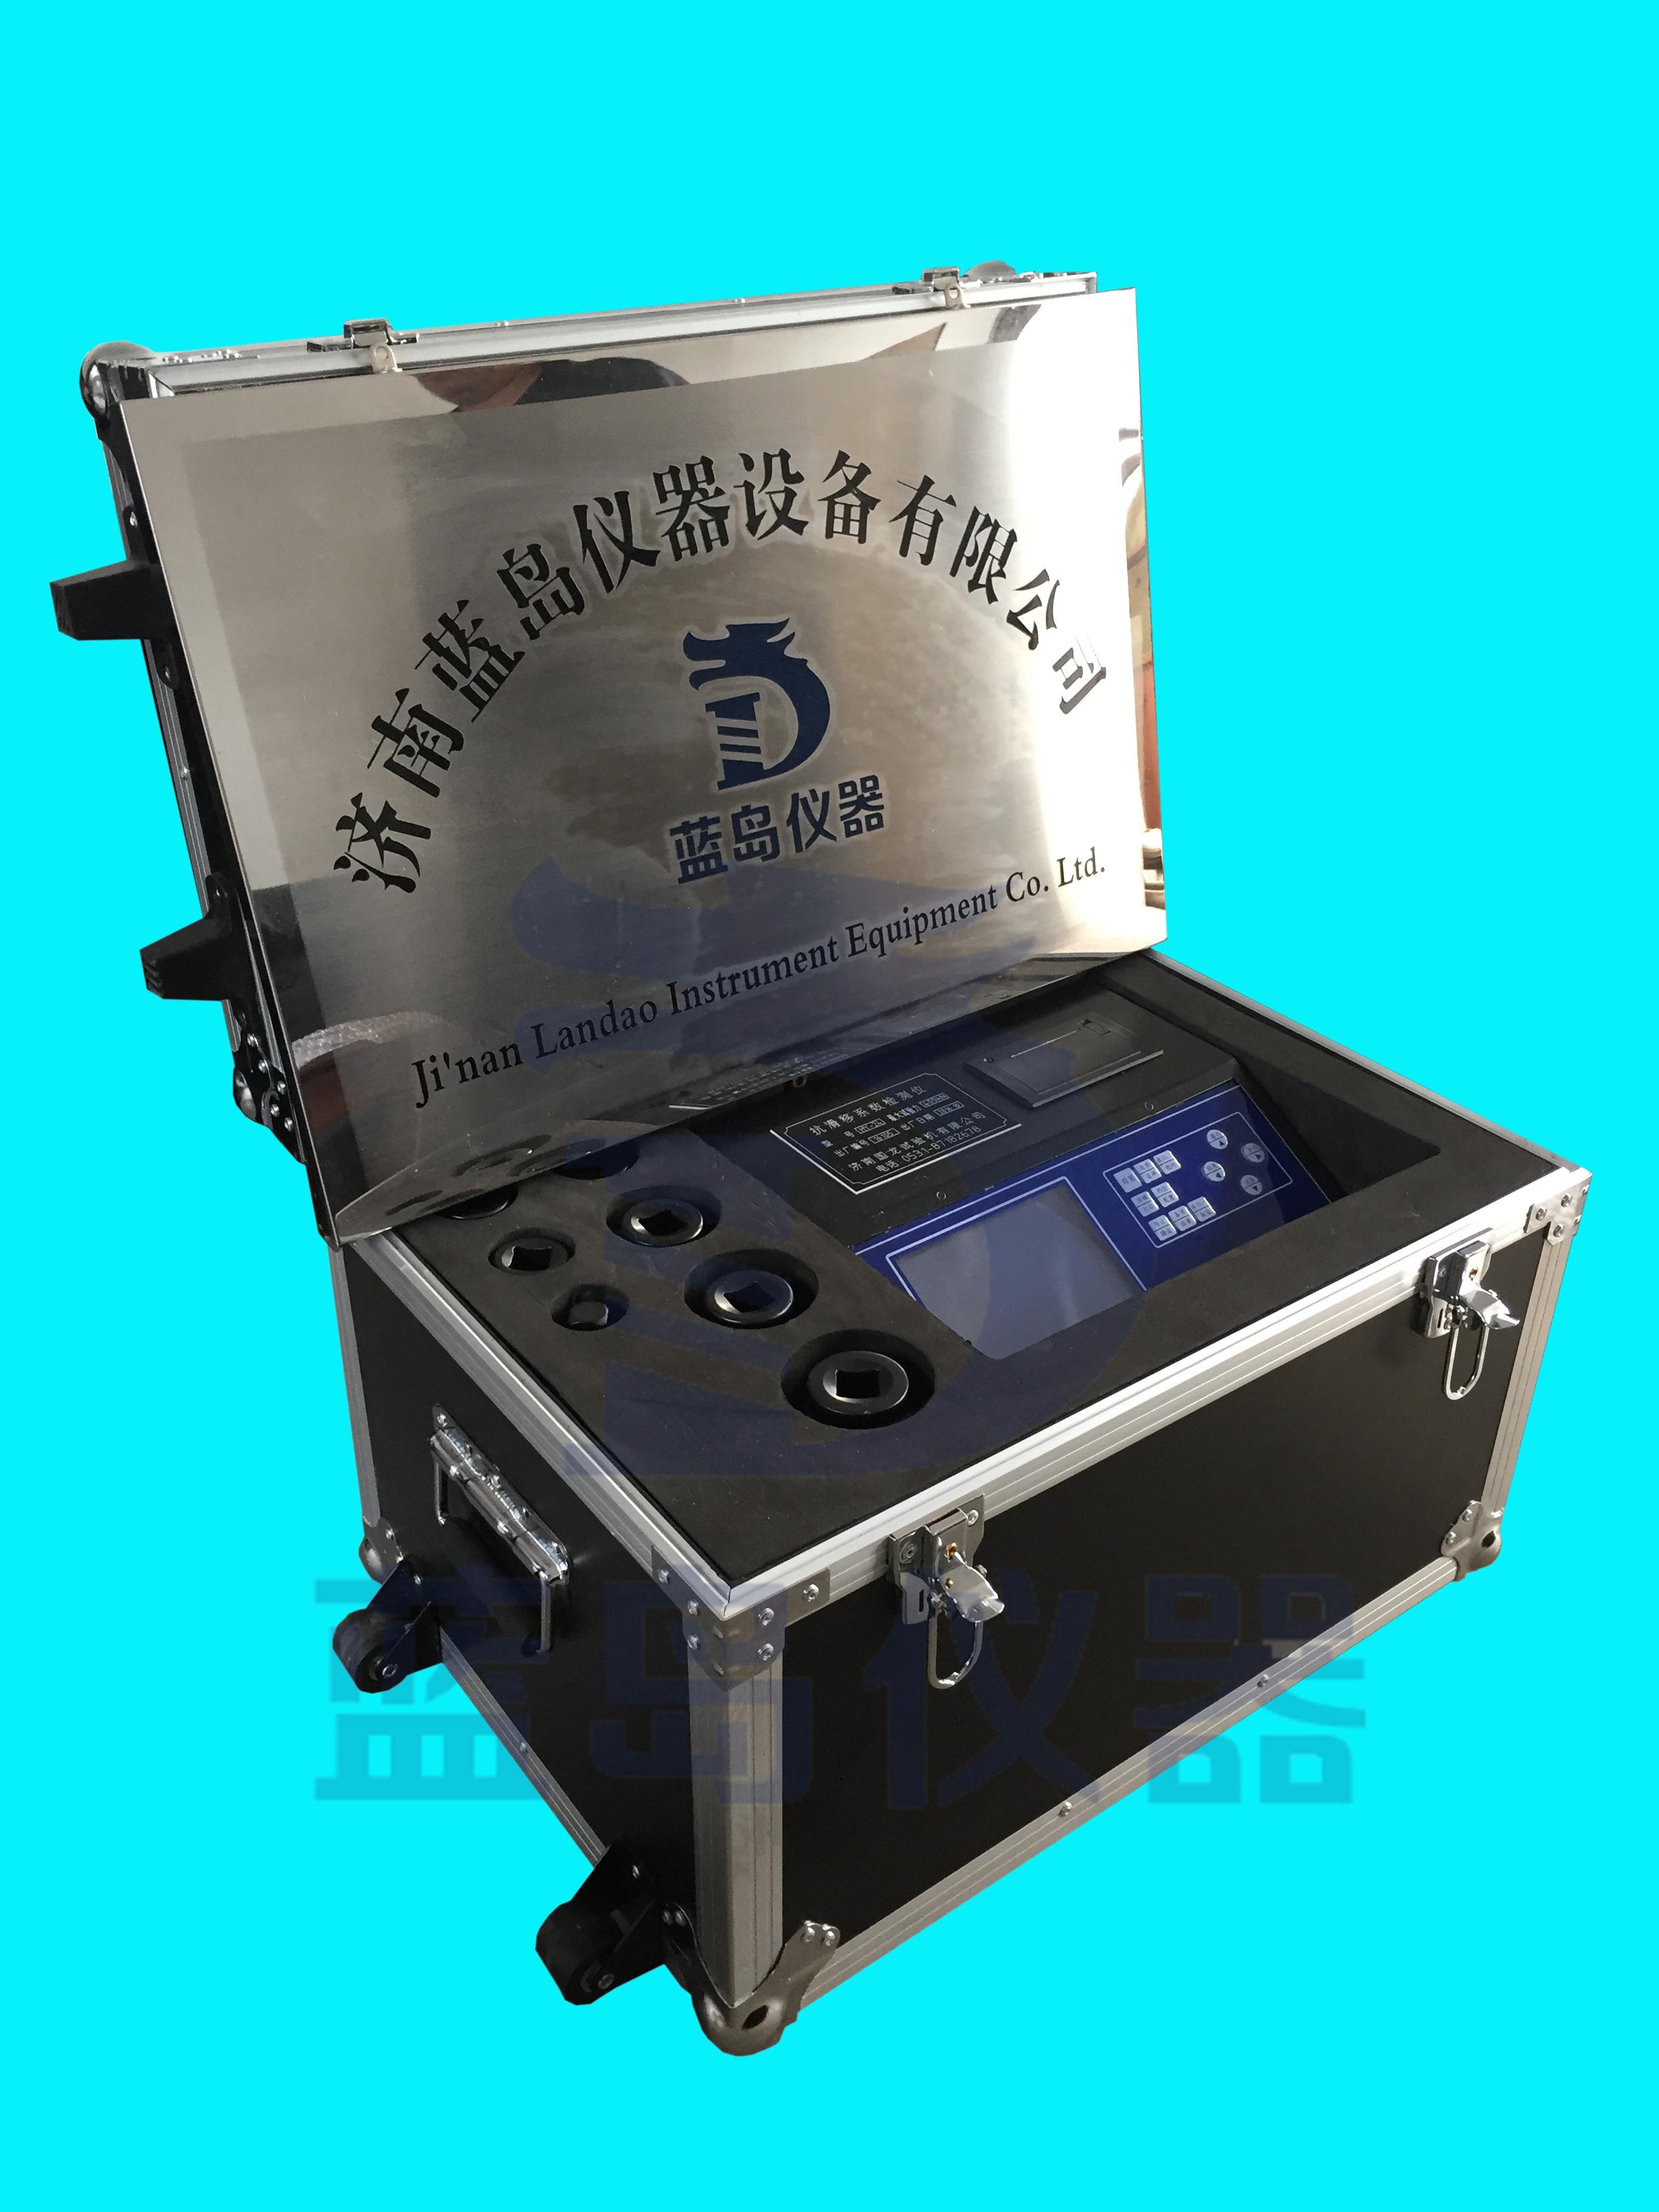 产品简介 HY-24抗滑移系数检测仪[1] 功能特点: HY-24抗滑移系数检测仪本检测仪可以进行大六角头高强螺栓连接副(M16~M30)和扭剪型高强螺栓连接副(M16~M27)的滑移系数检测。有四个物理通道,6组共24个逻辑通道。具有参数备份和恢复功能,自动标定功能,根据高强螺栓的检测要求还设置了峰值保持功能。为了便于用户能与计算机连机设置了RS232接口;可将数据传送到计算机,进行进一步的处理后,打印试验报告。 技术指标 1、 测量范围:120kN~400kN 2、分辨率:±0.